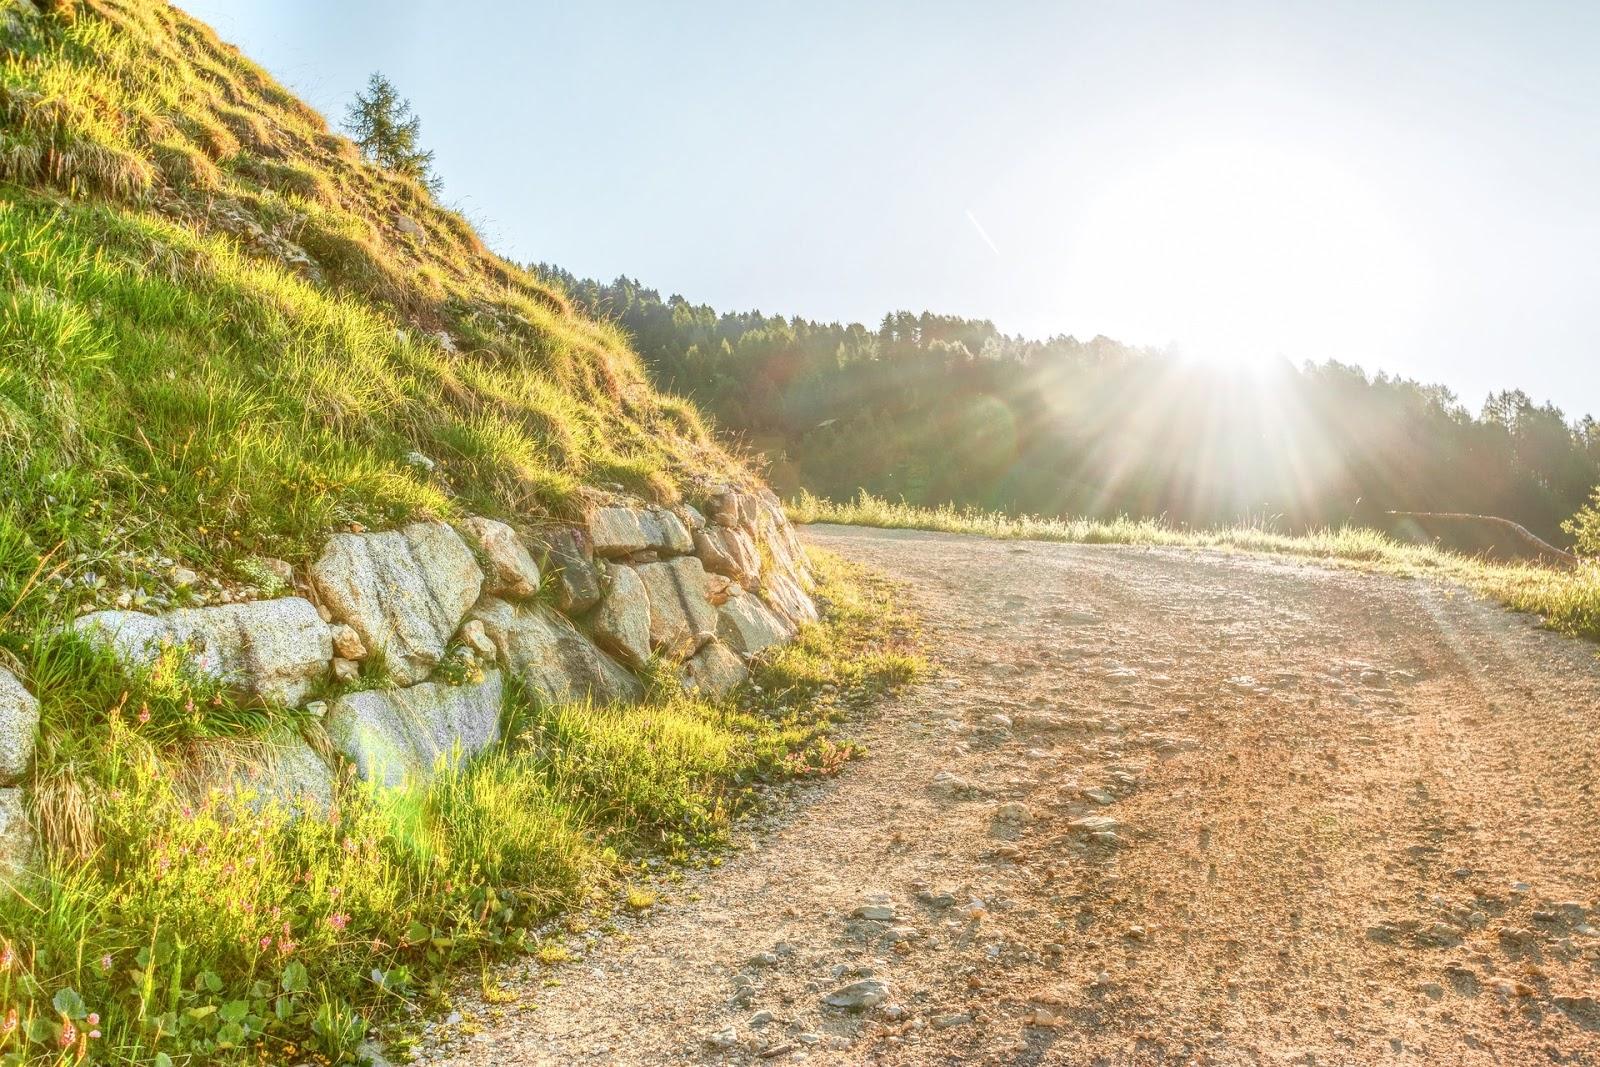 100 Gambar Pemandangan Alam Asli HD